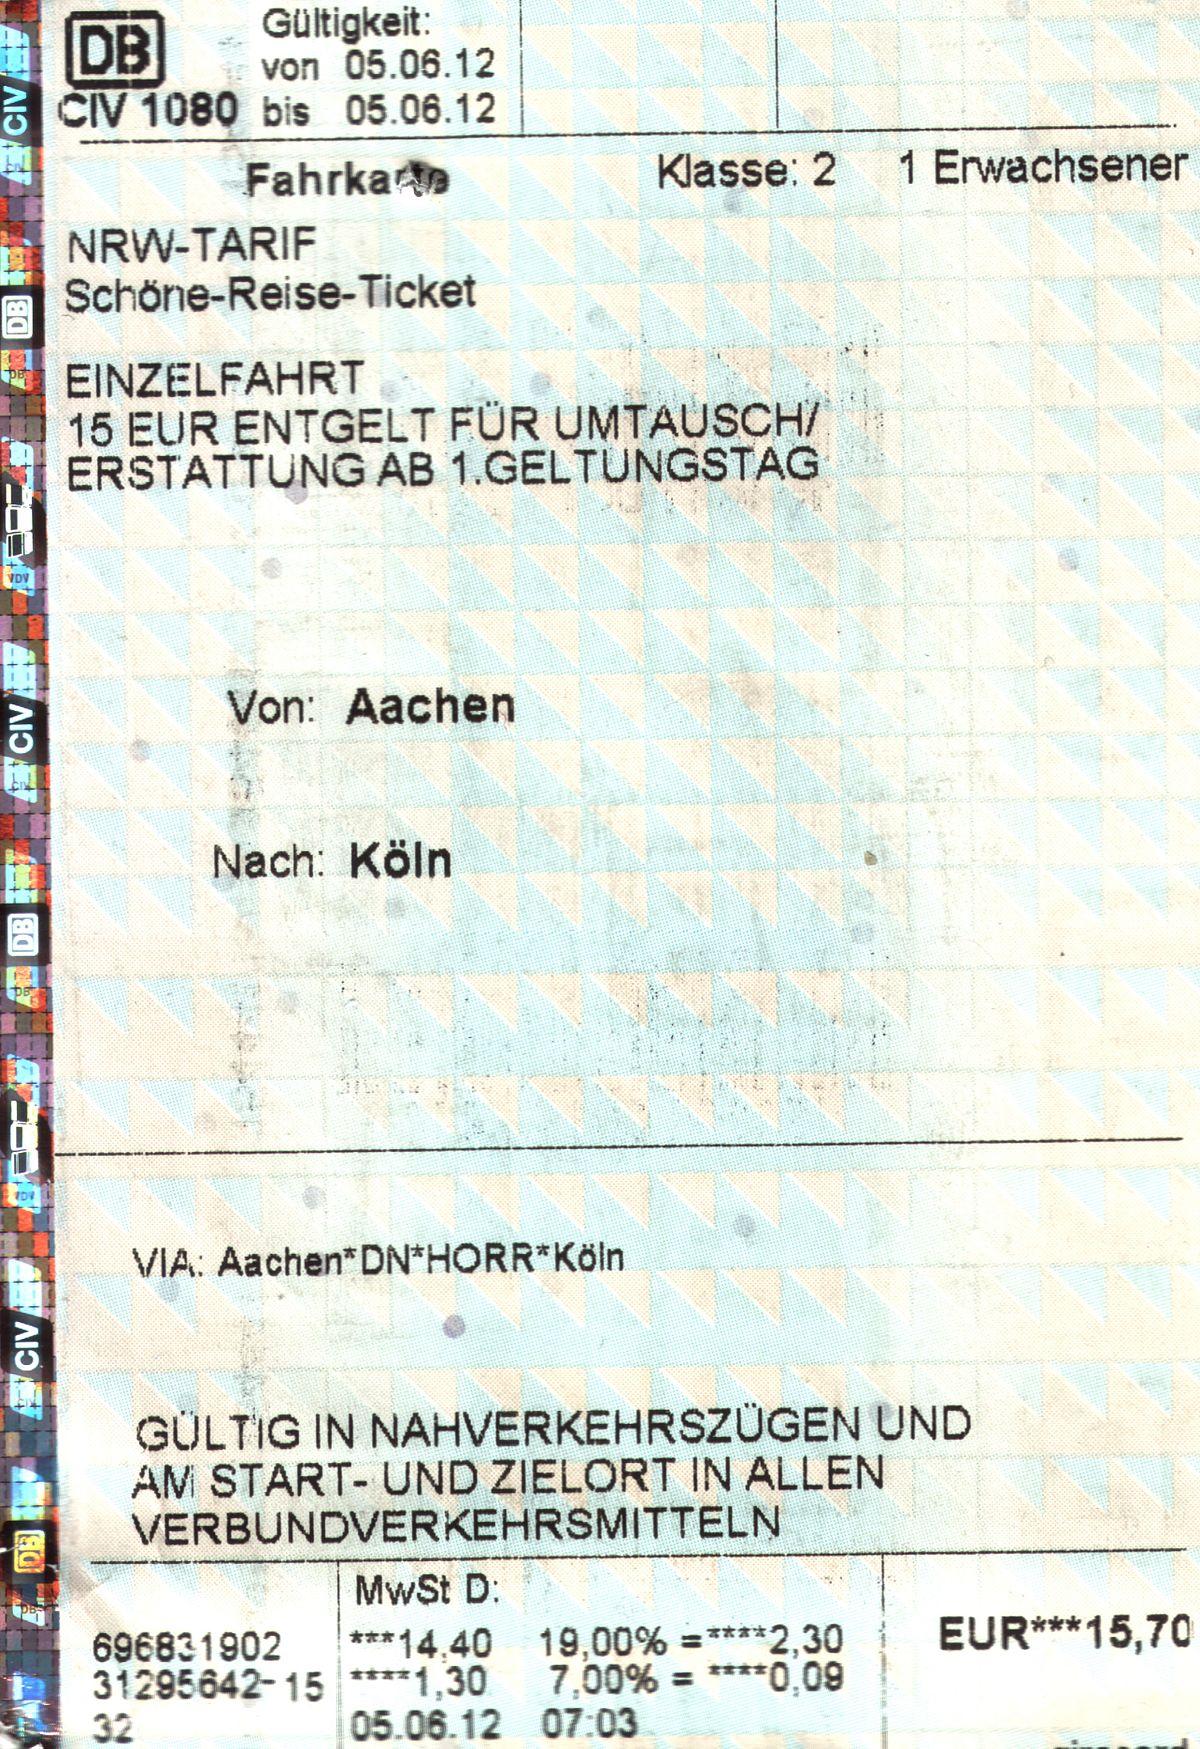 Deutsche bahn bw-ticket single